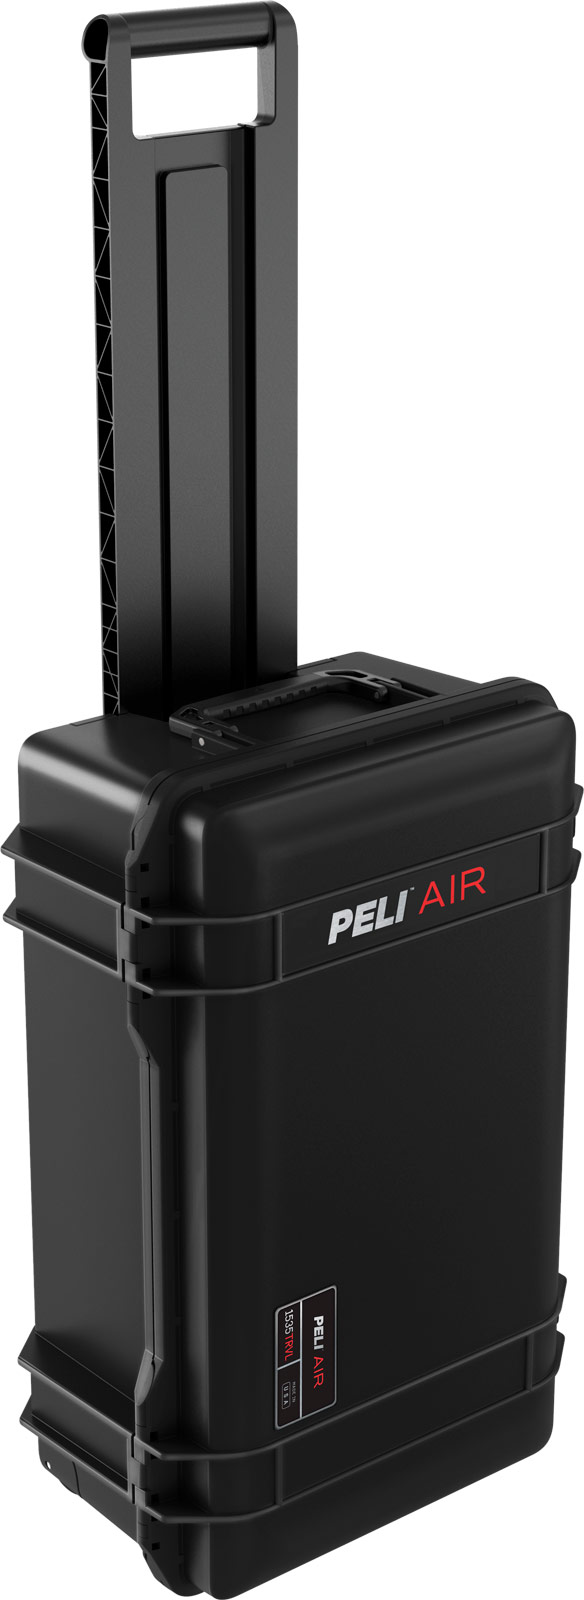 peli 1535 air wheeled travel case